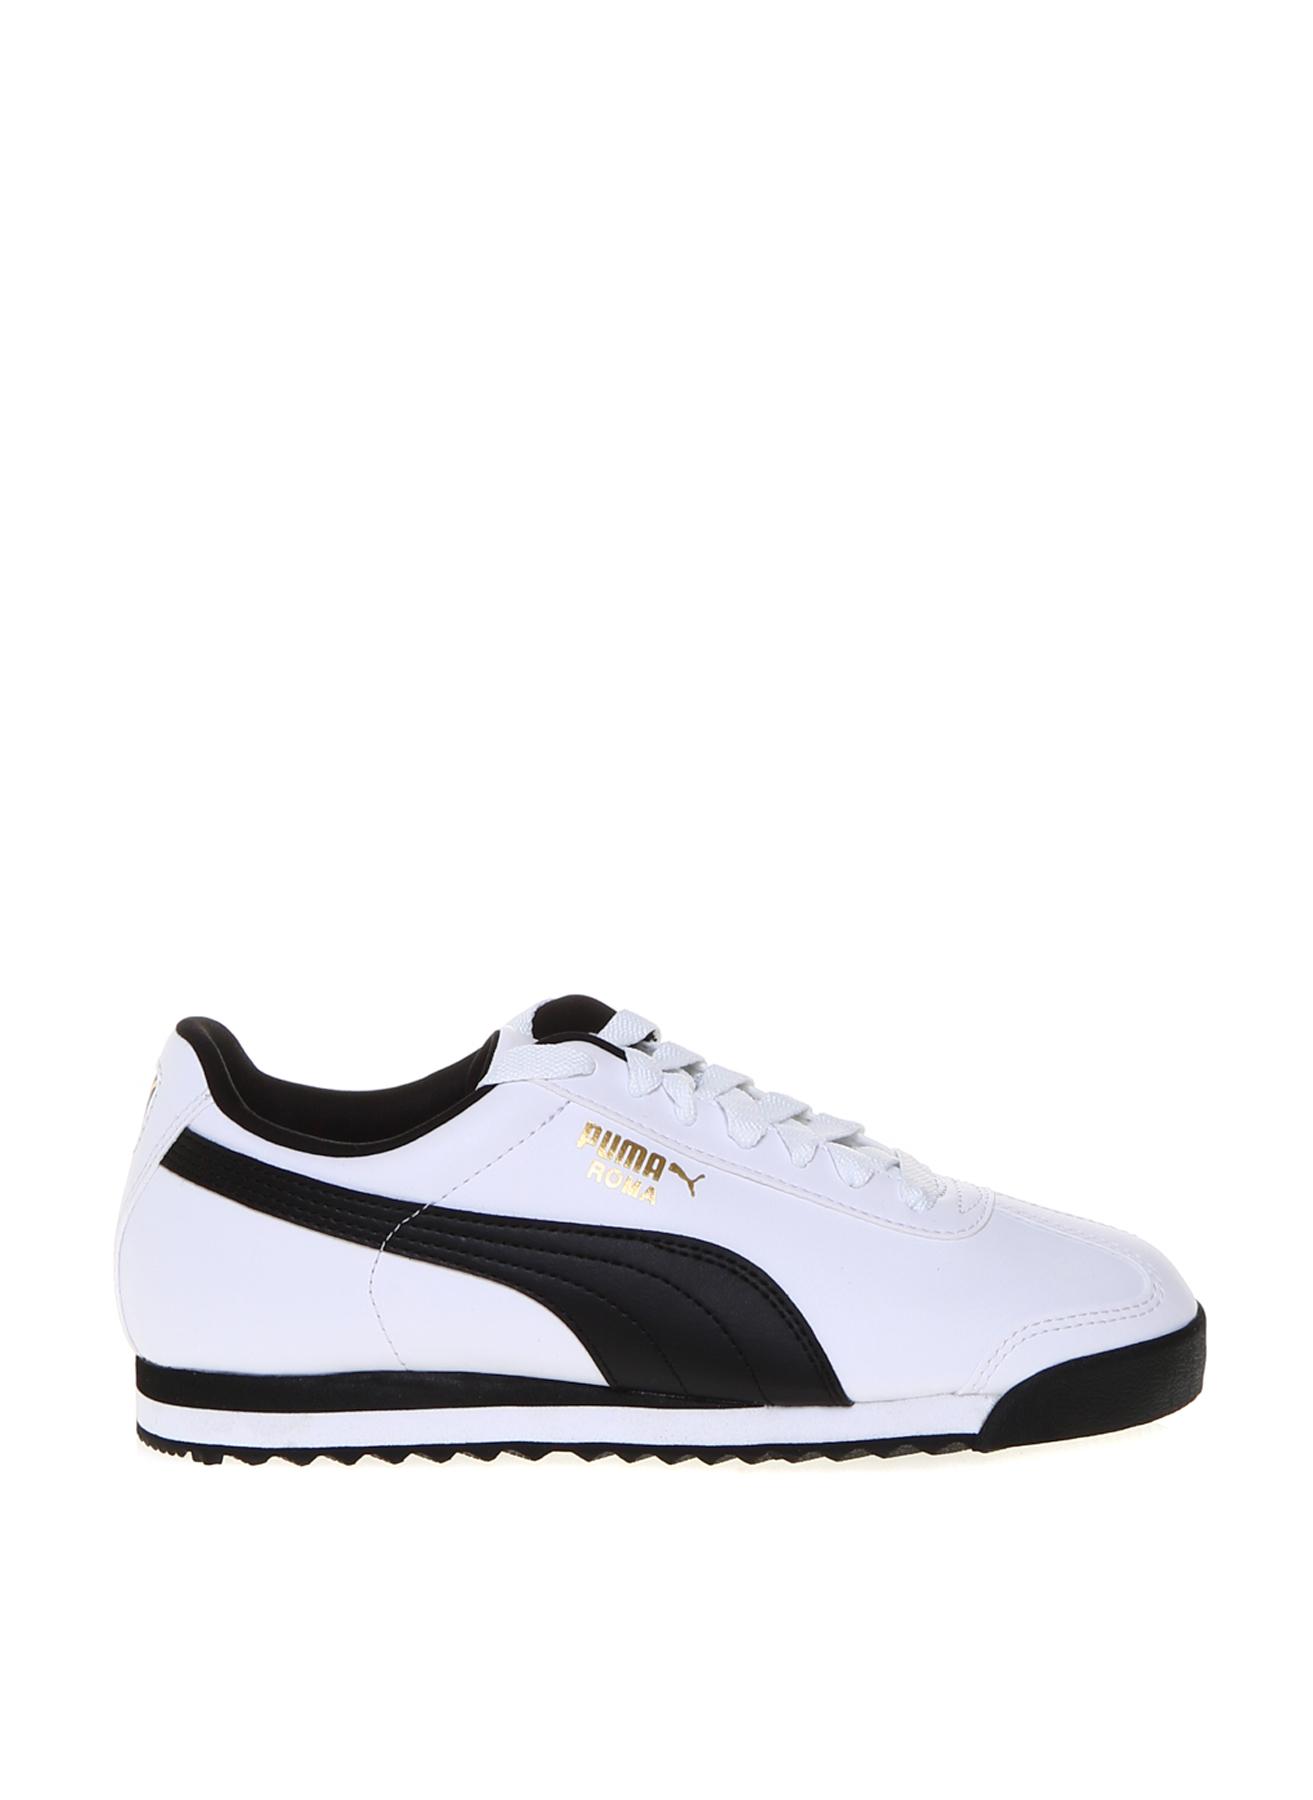 Puma Roma Basic Lifestyle Ayakkabı 38.5 5001632601005 Ürün Resmi